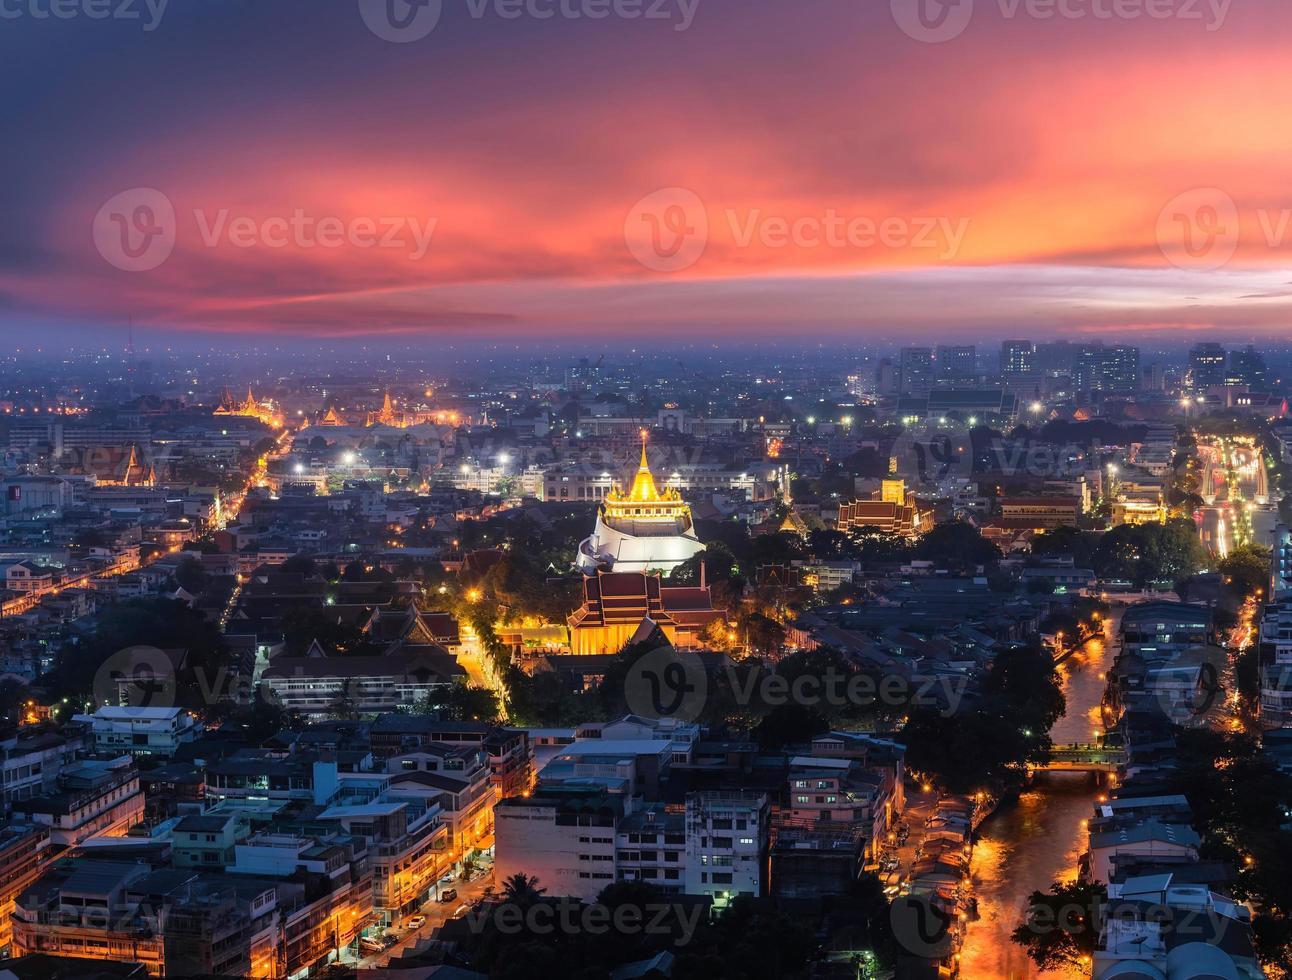 Golden mount sunset photo